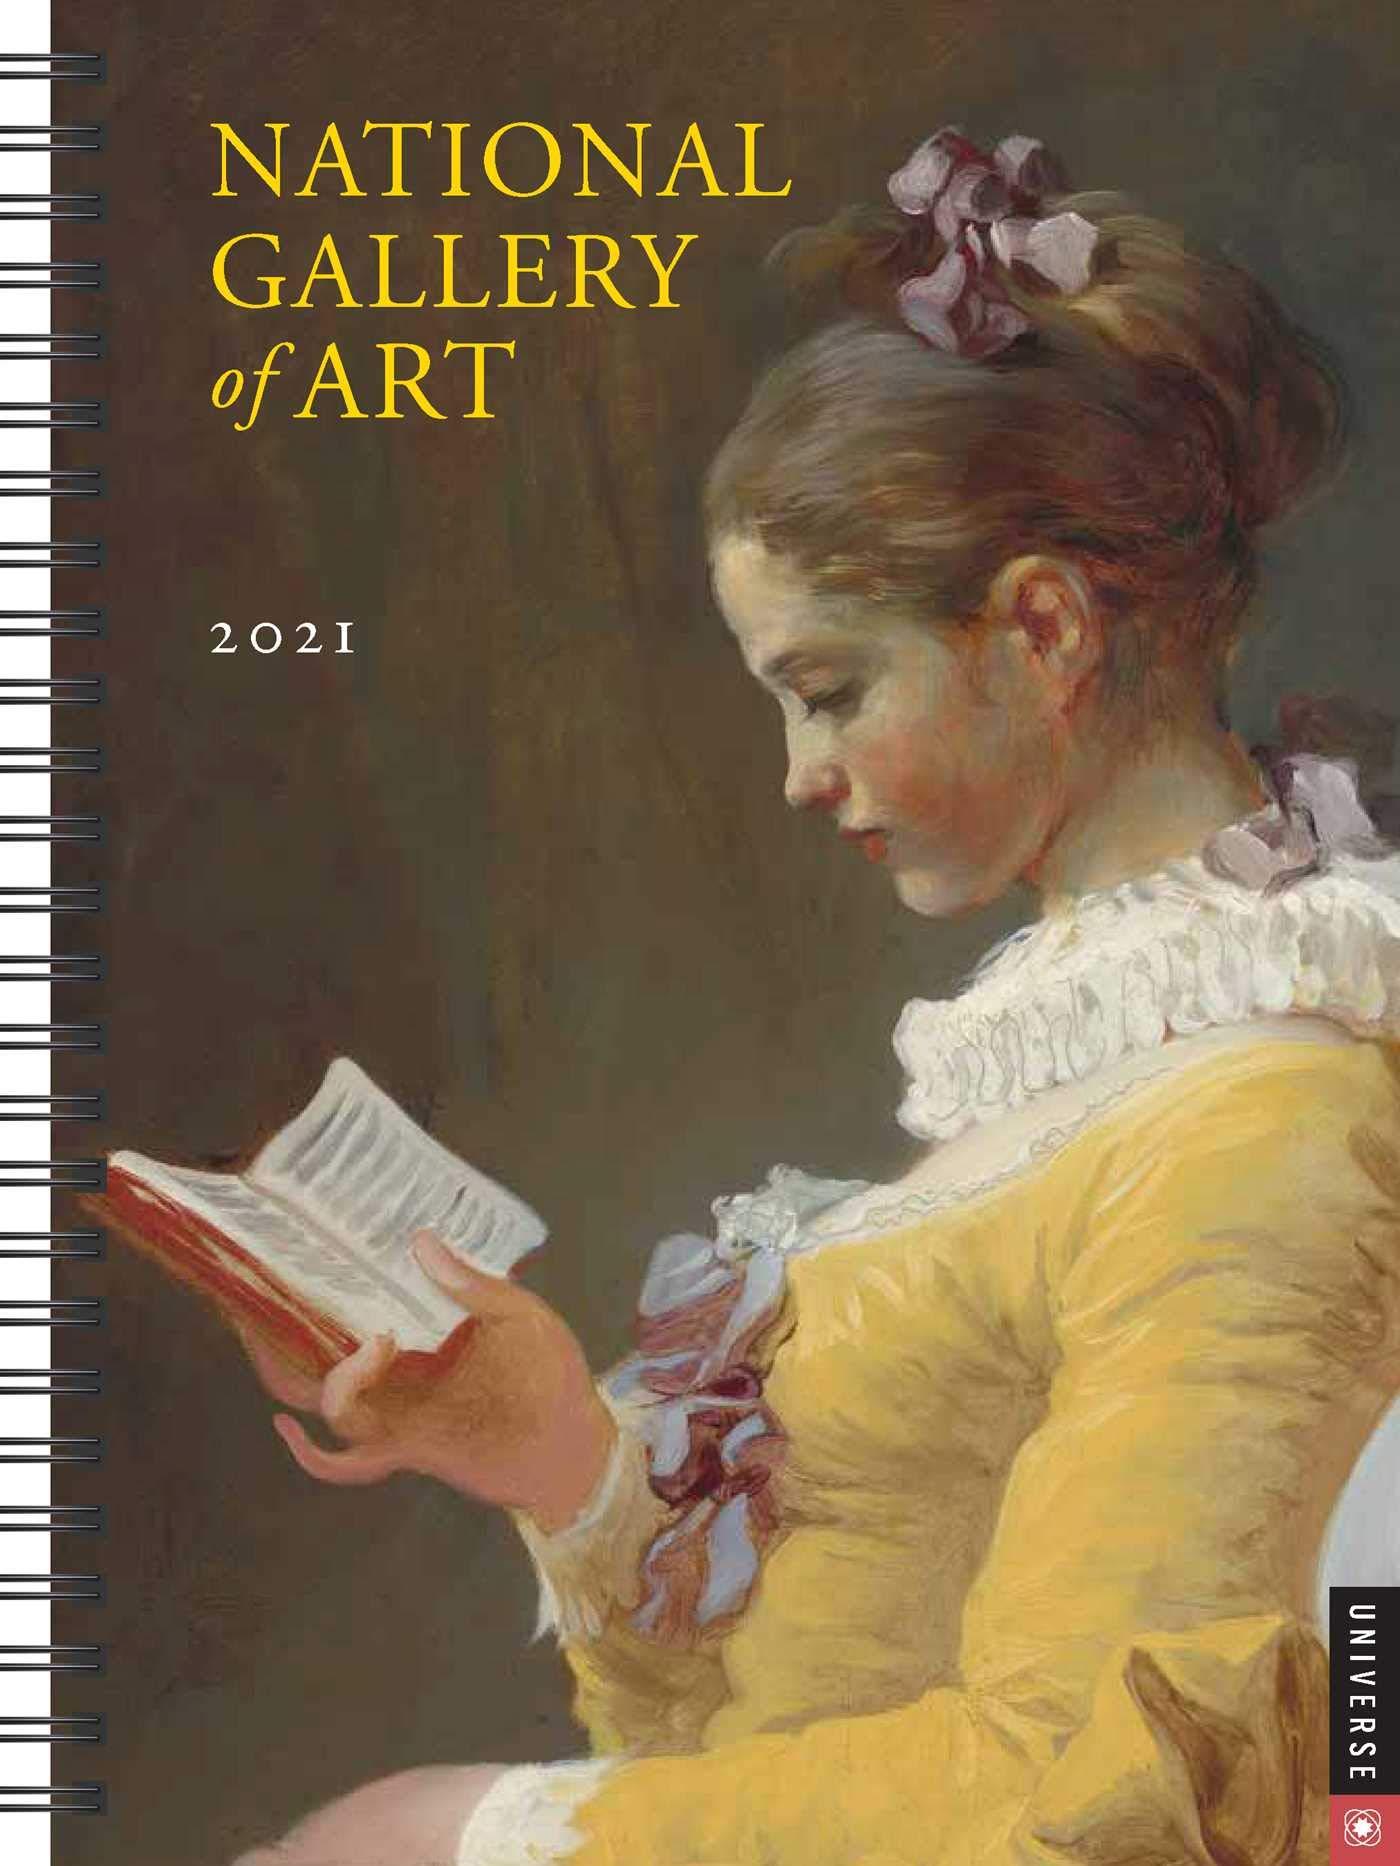 2021 Engagement Calendar National Gallery of Art 2021 Engagement Calendar: National Gallery